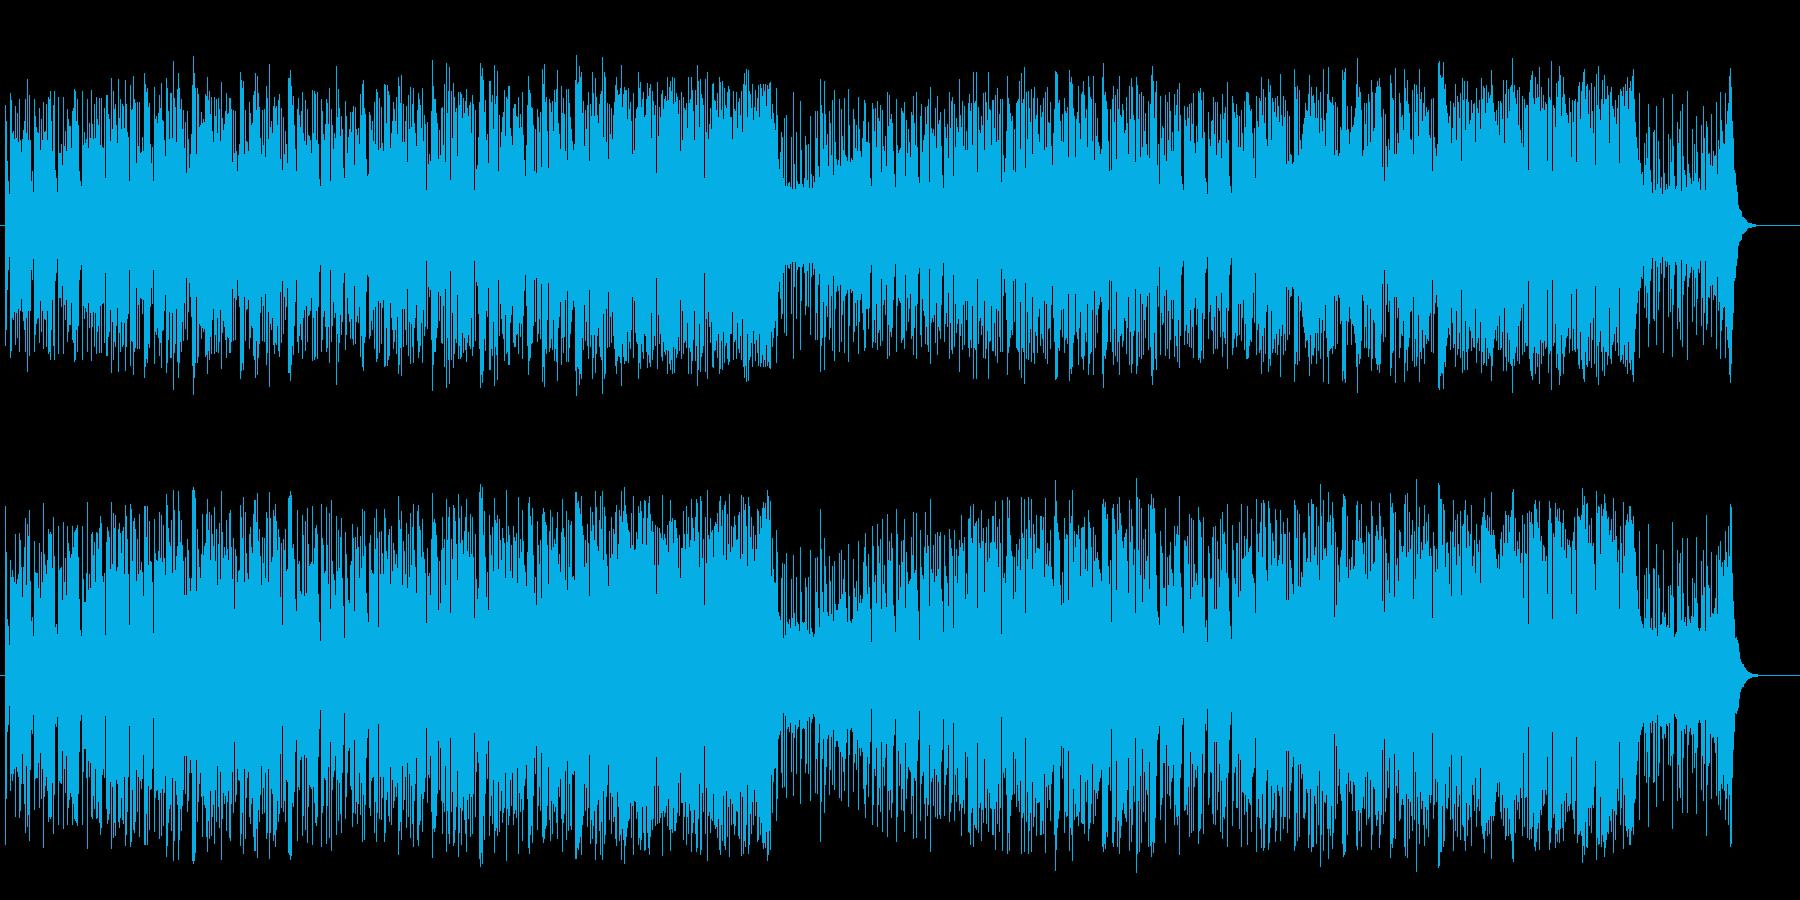 リズミカルな元気の出るライトポップスの再生済みの波形